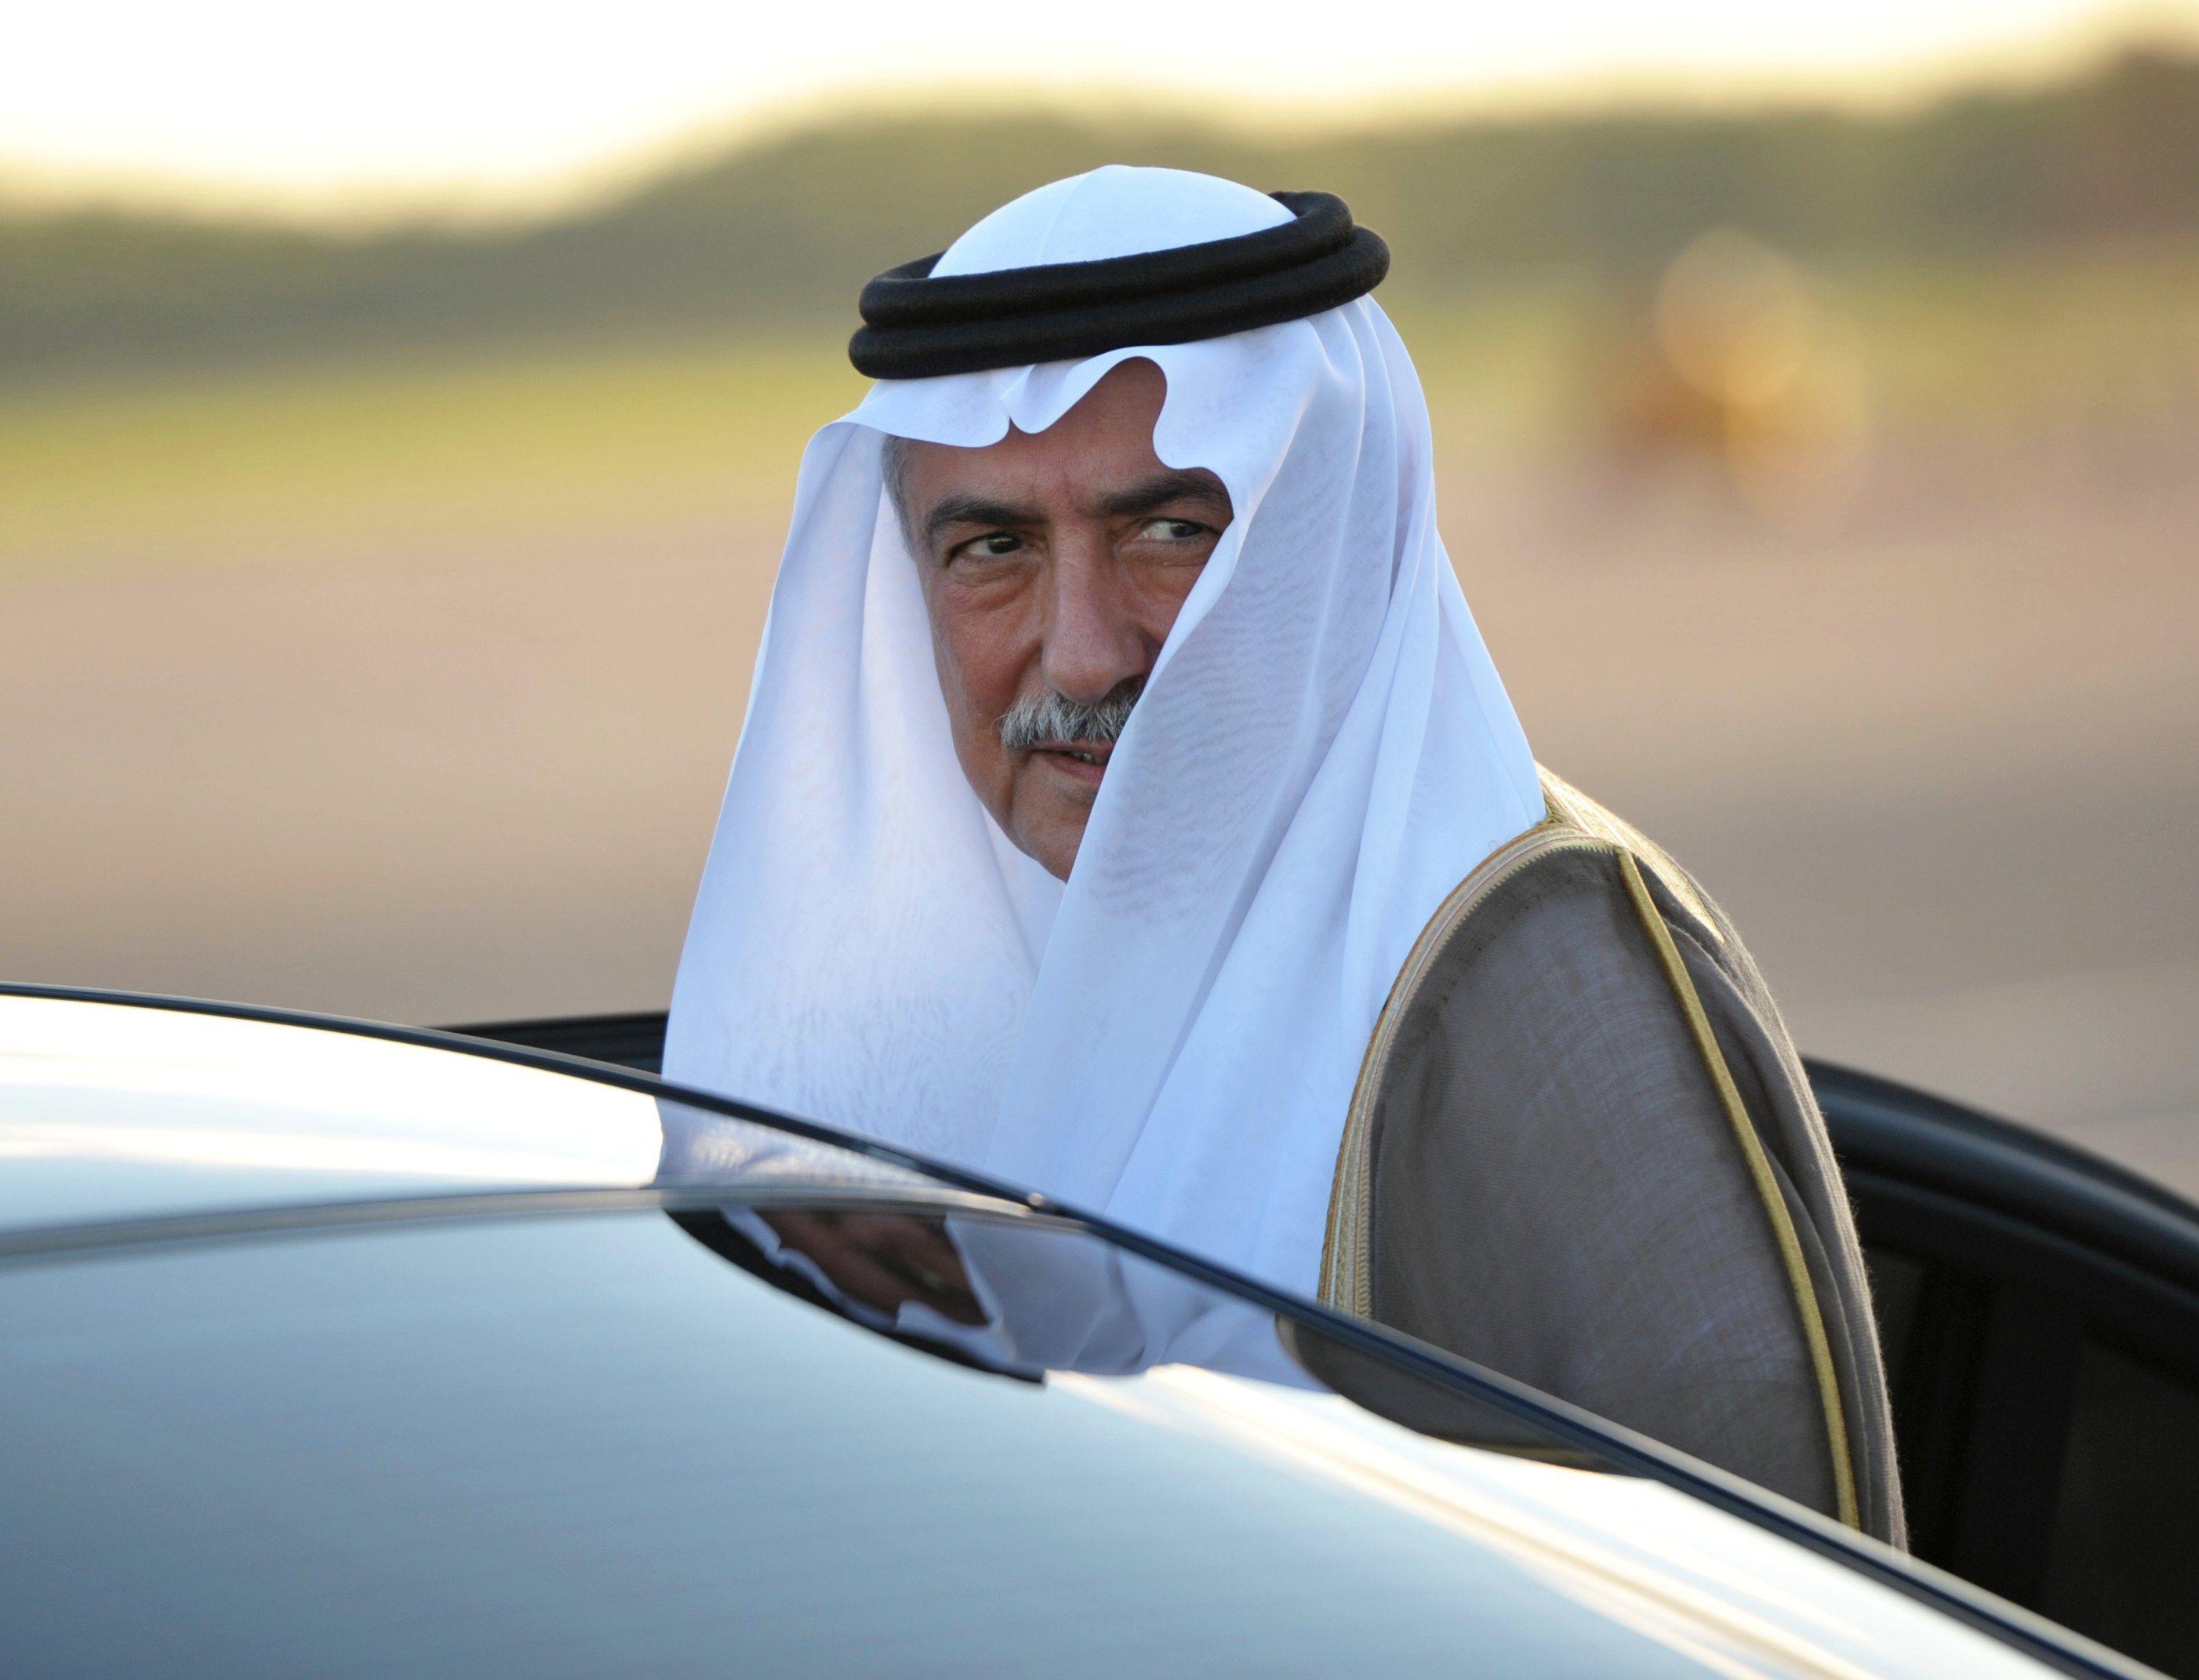 A szaúdi pénzügyminiszter Ibrahim bin Abdulaziz Al-Assaf 2013. szeptember 4-én, a szentpétervári reptéren, amint a G20-csúcsra érkezik. Az ő neve is szerepelt az anti-korrupciós bizottság letartóztatási listáján.  EPA/KONSTANTIN SALOMATIN / POOL